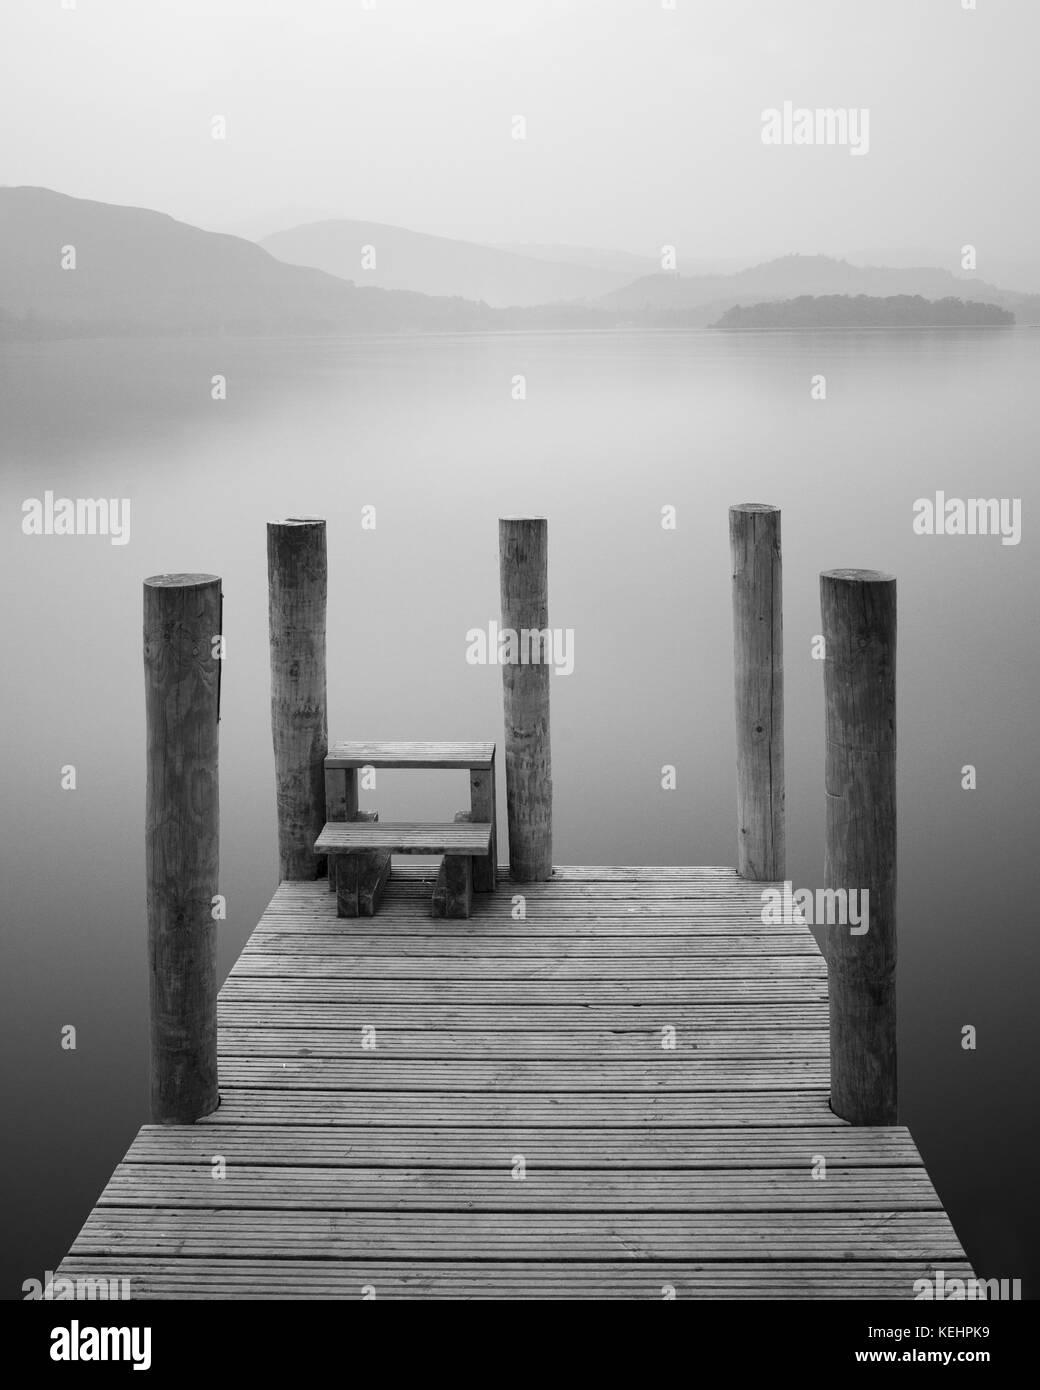 Jetty Pier Boat Landing Derwentwater Foggy Lake District méditation calme paisible Banque D'Images